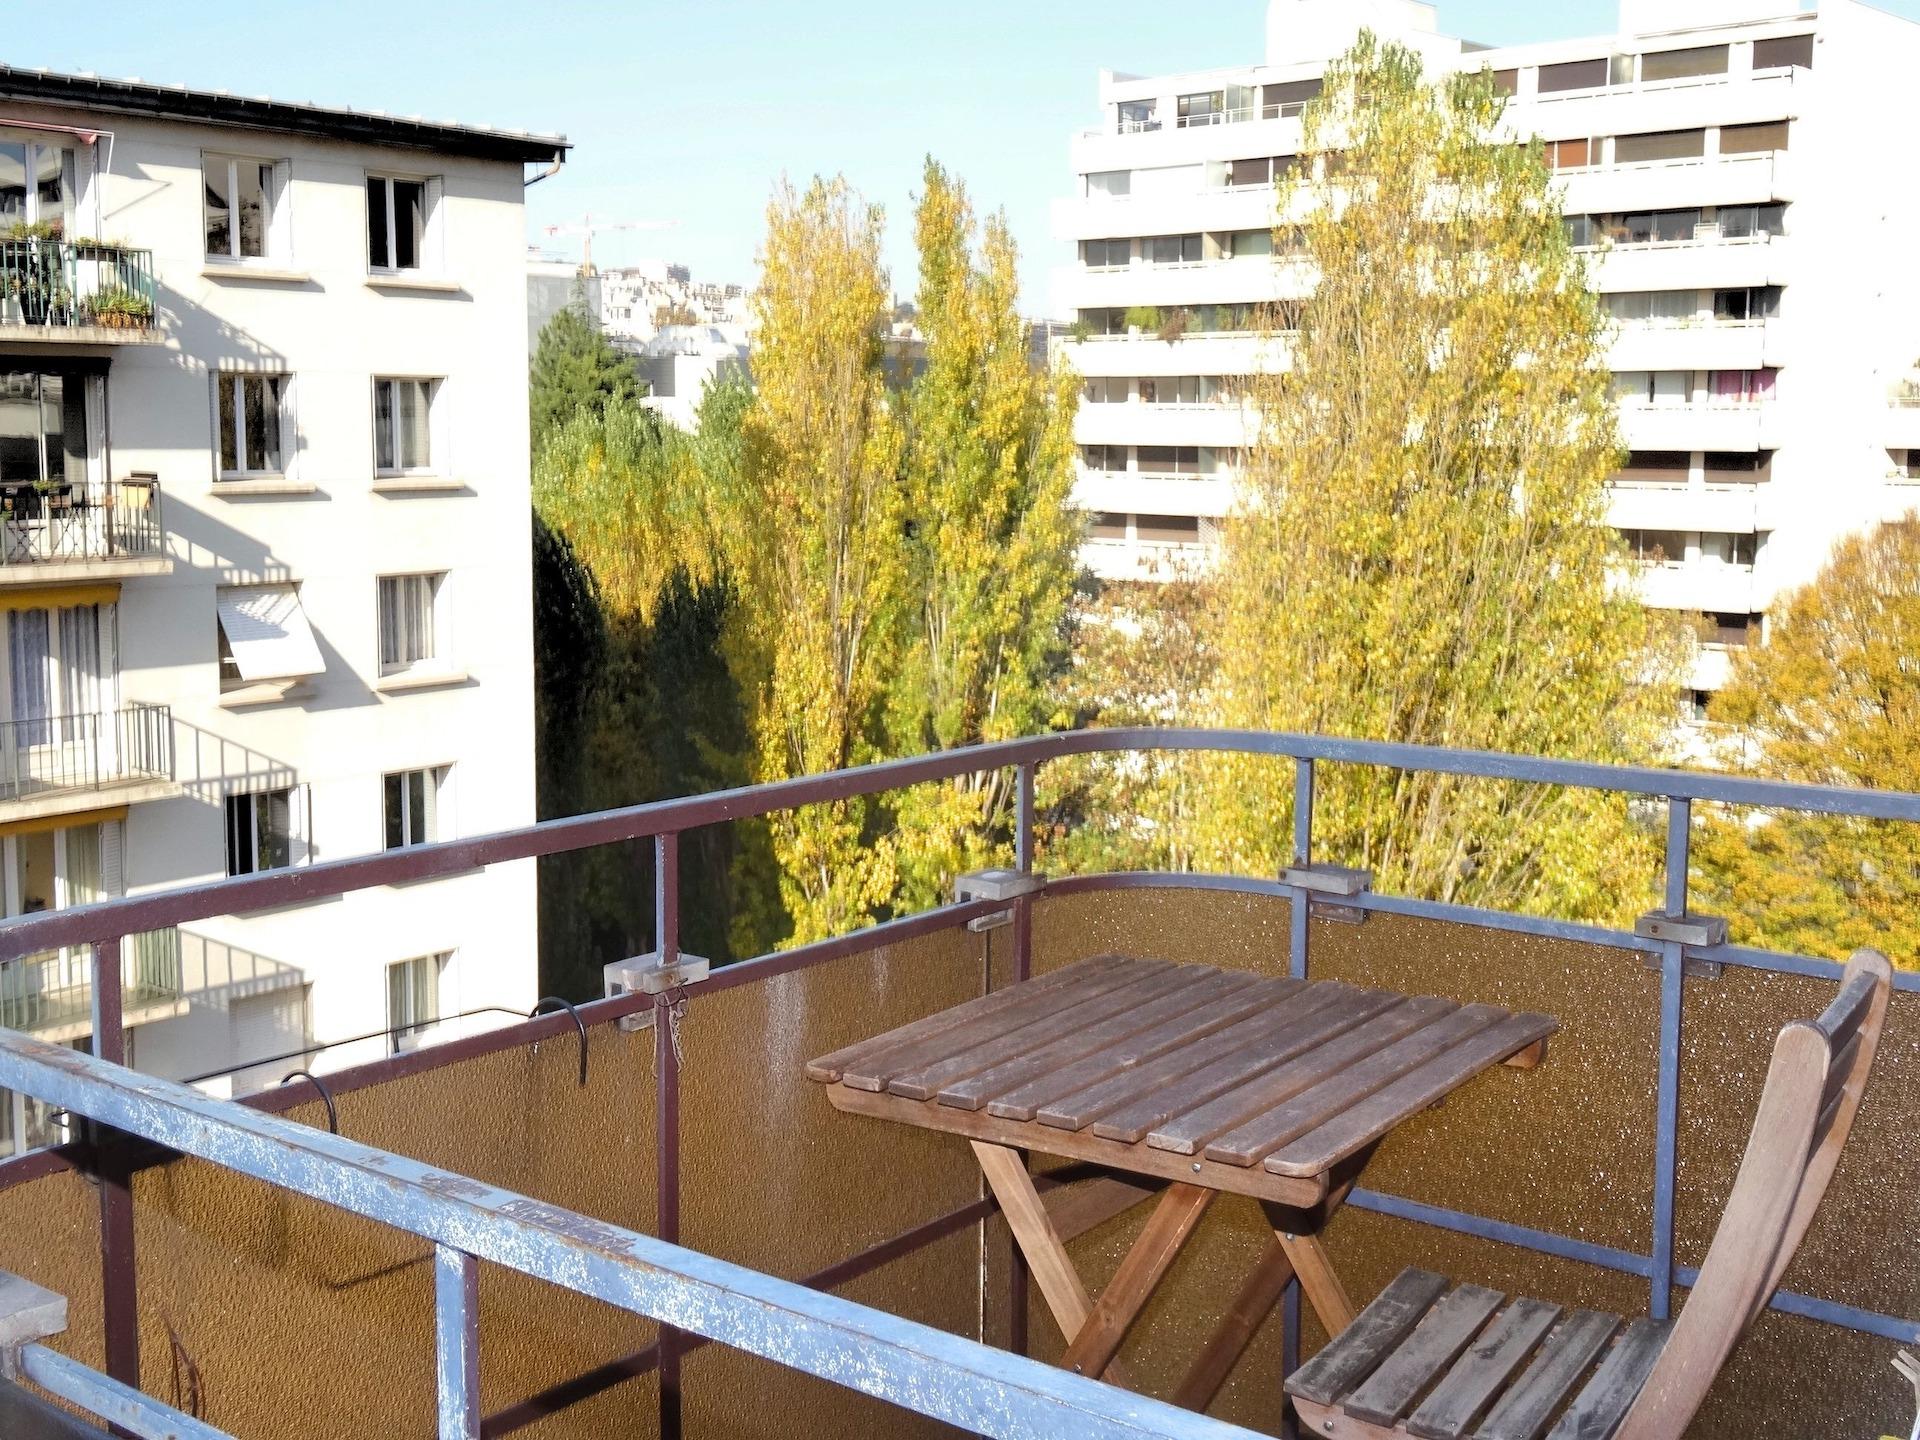 terrasse-location-meublee-boulogne- la-clef-des-villes-agence-immobiliere-boulogne